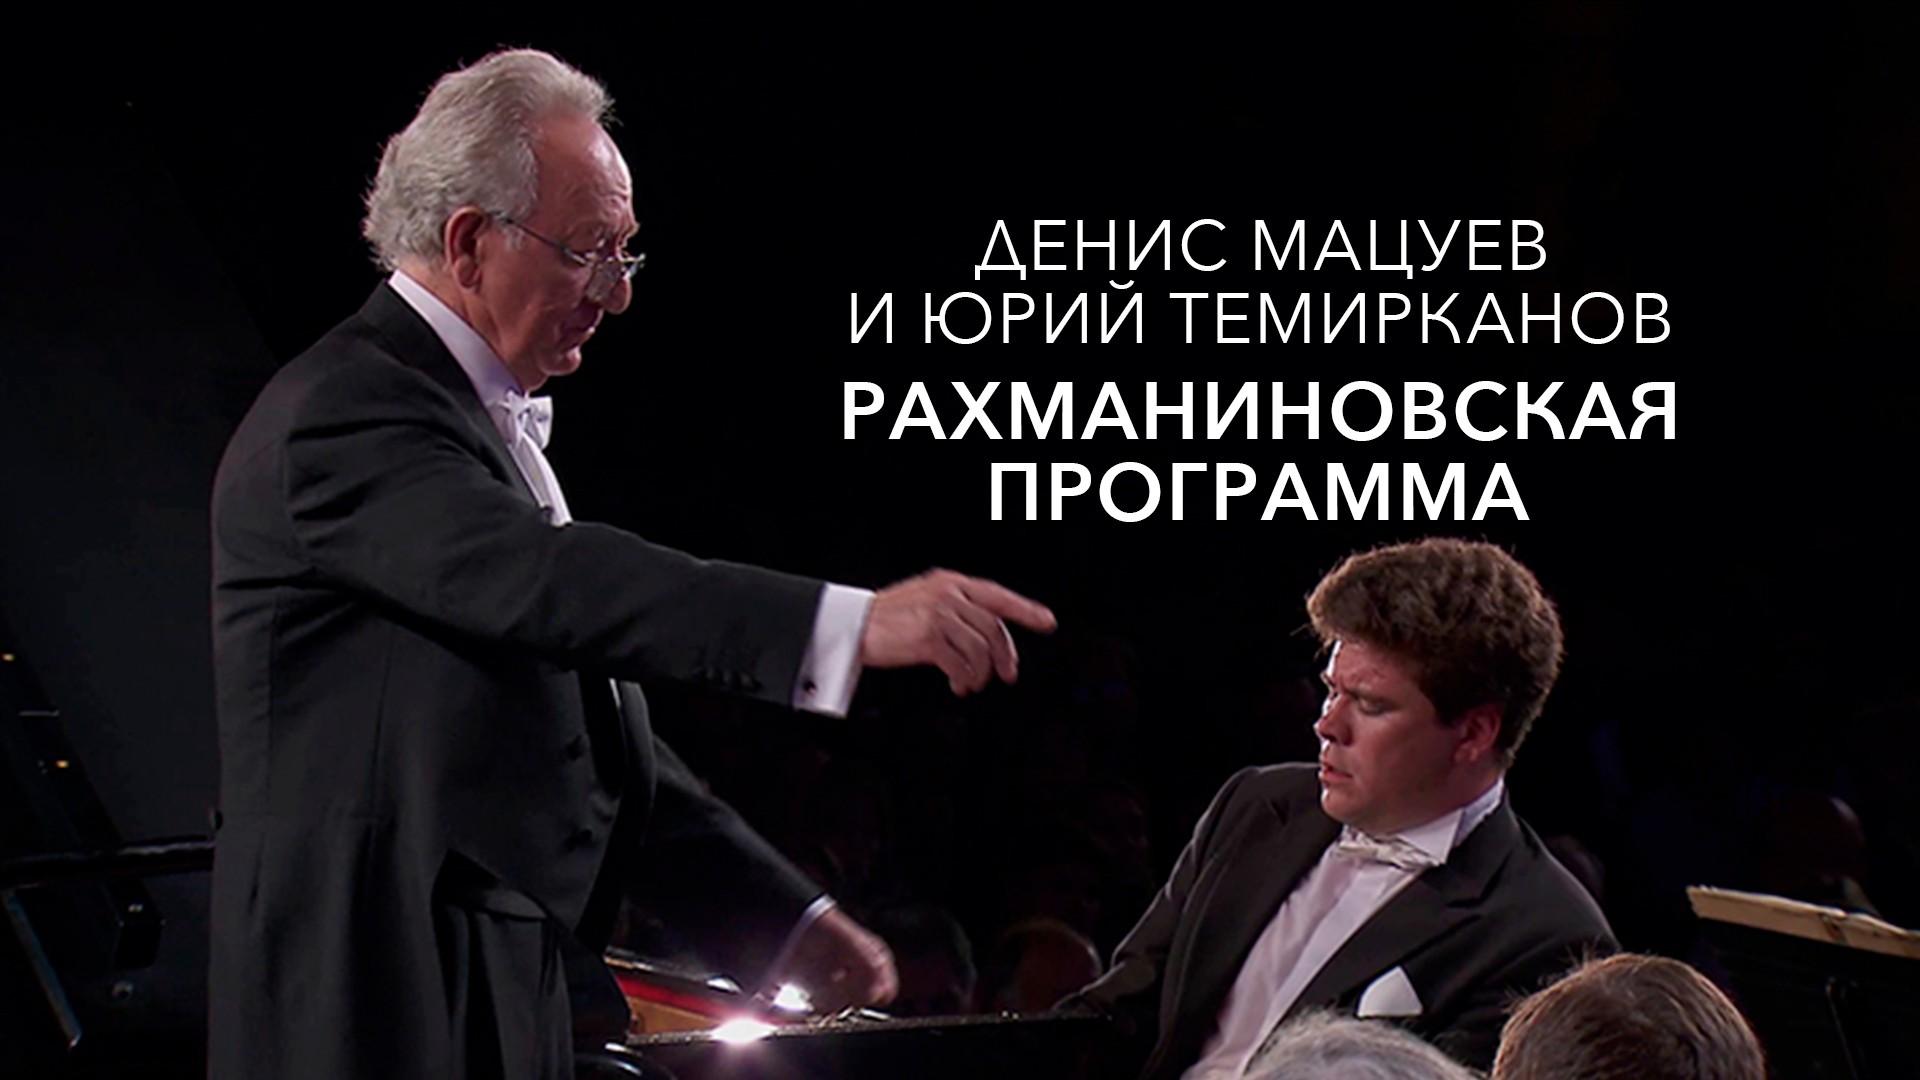 Денис Мацуев и Юрий Темирканов. Рахманиновская программа